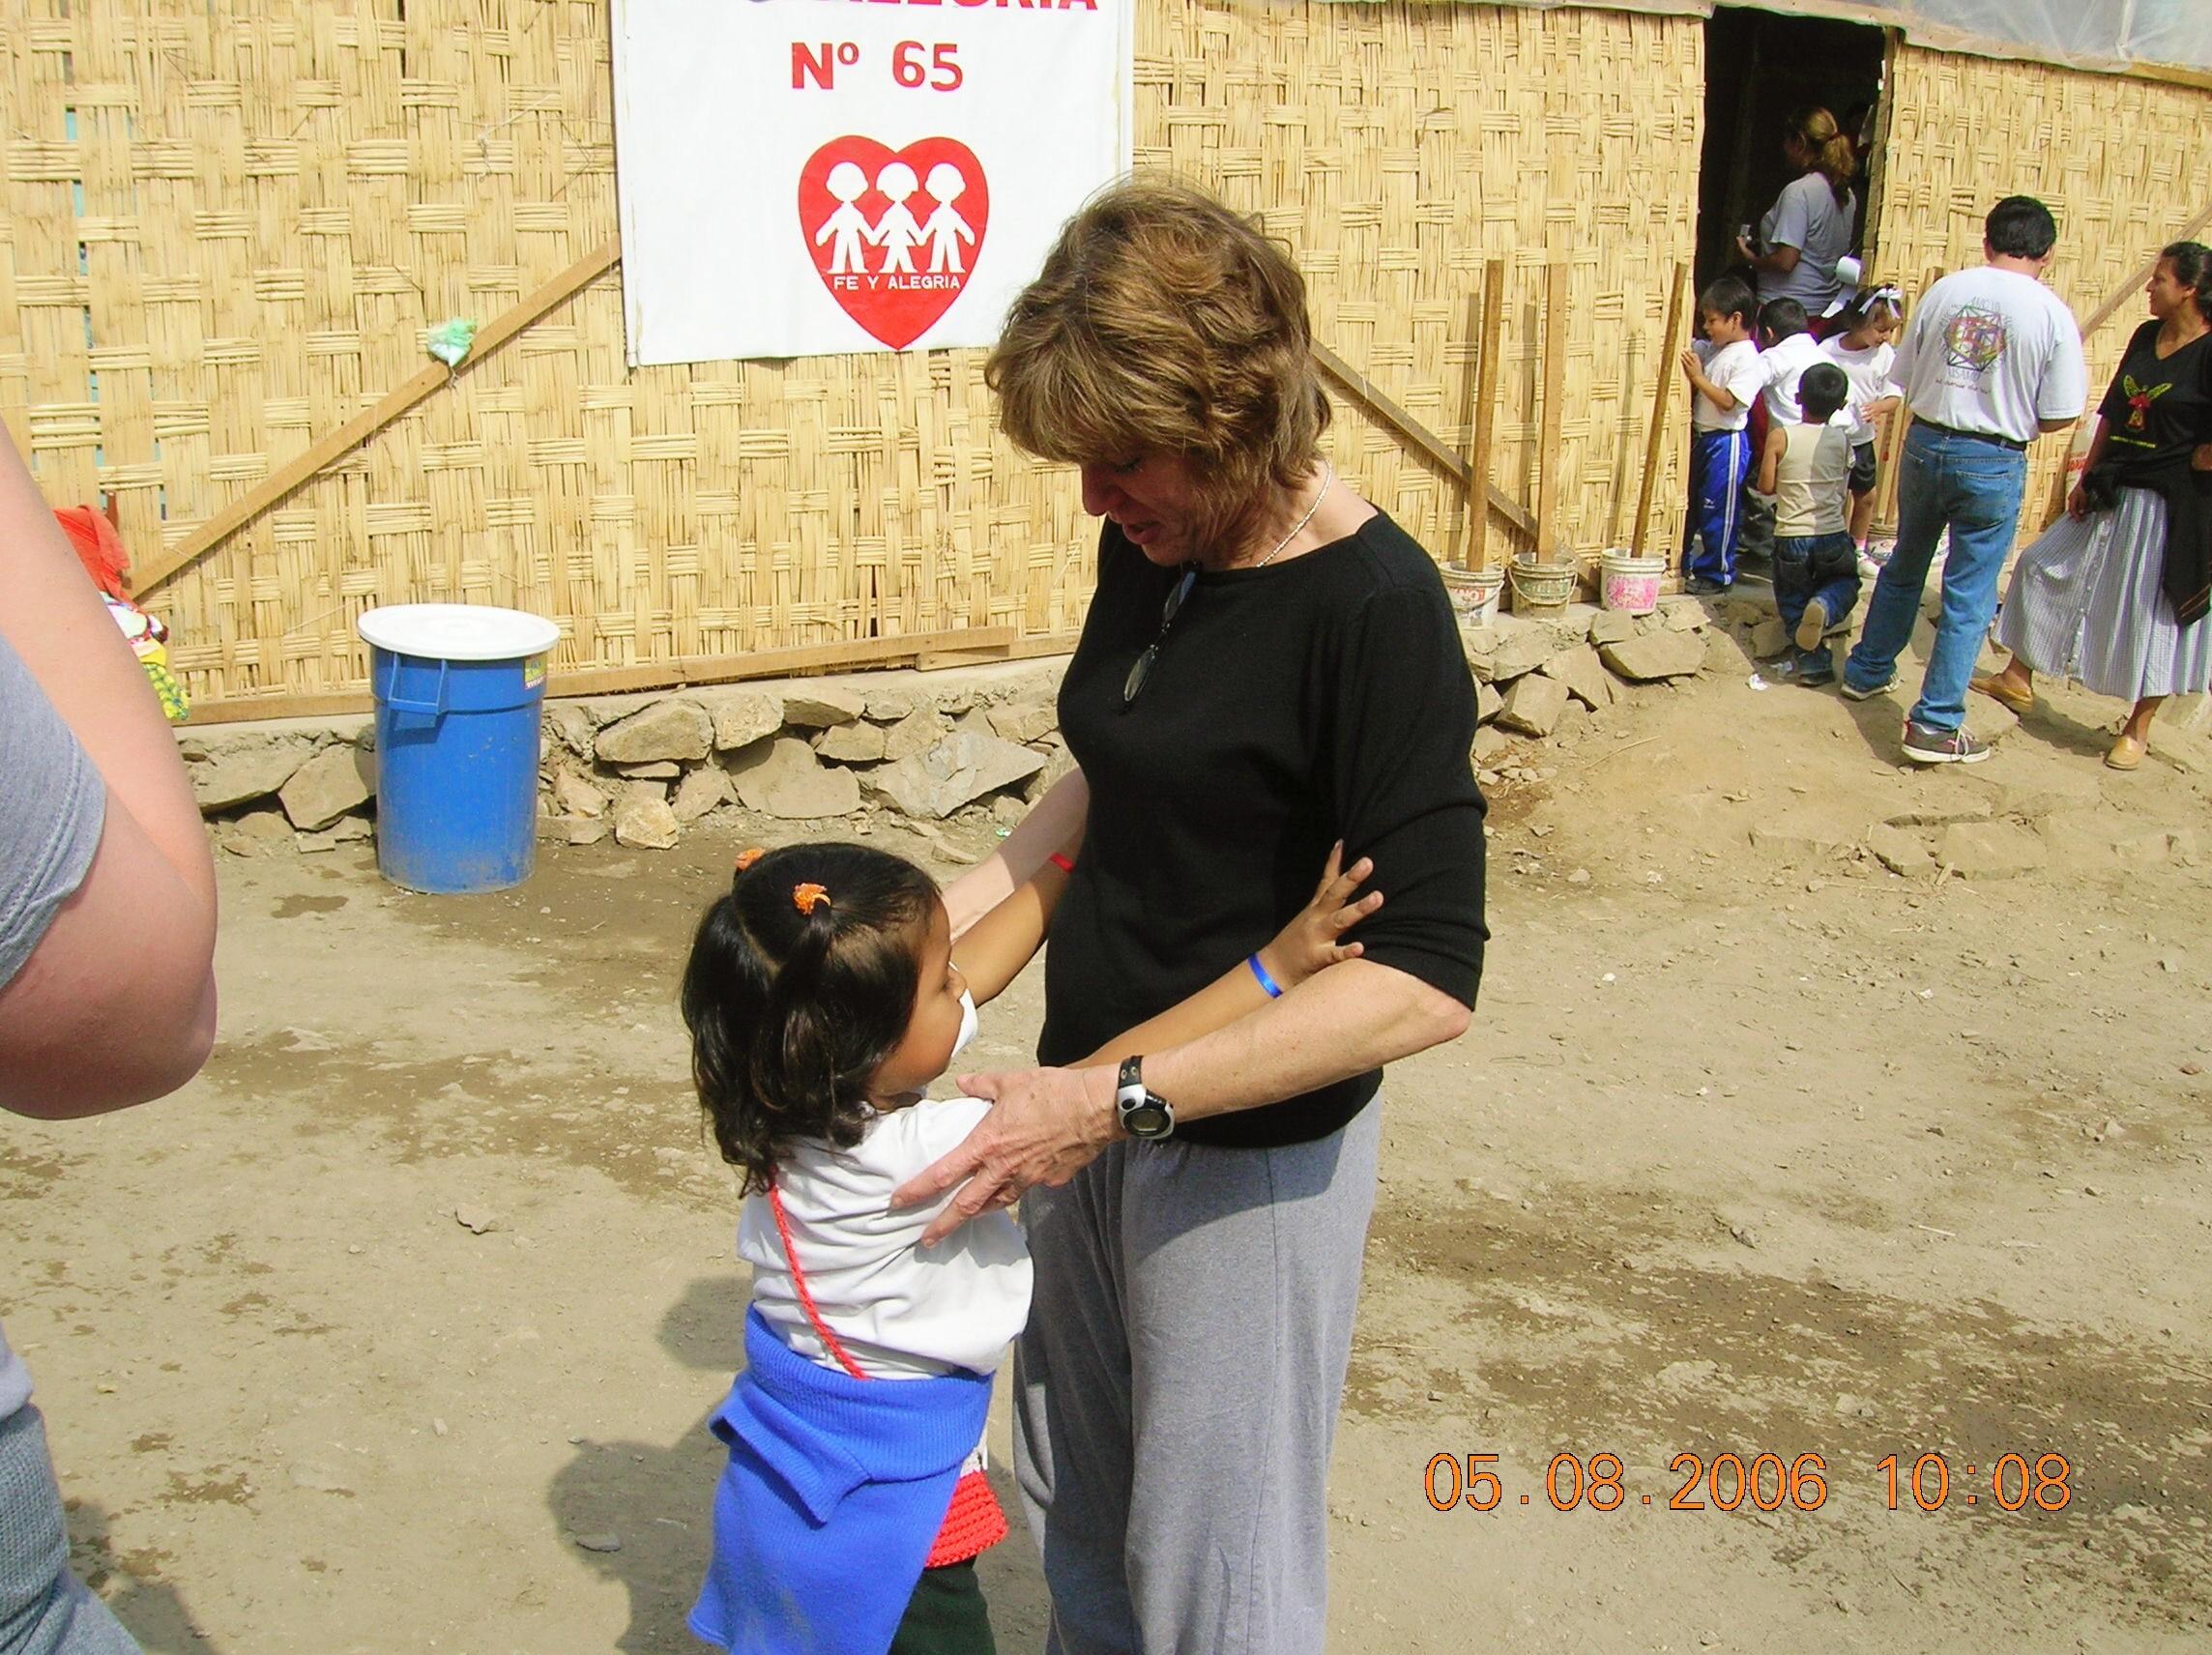 In a clinic in Peru. Image credit: Ricardo Alfaro